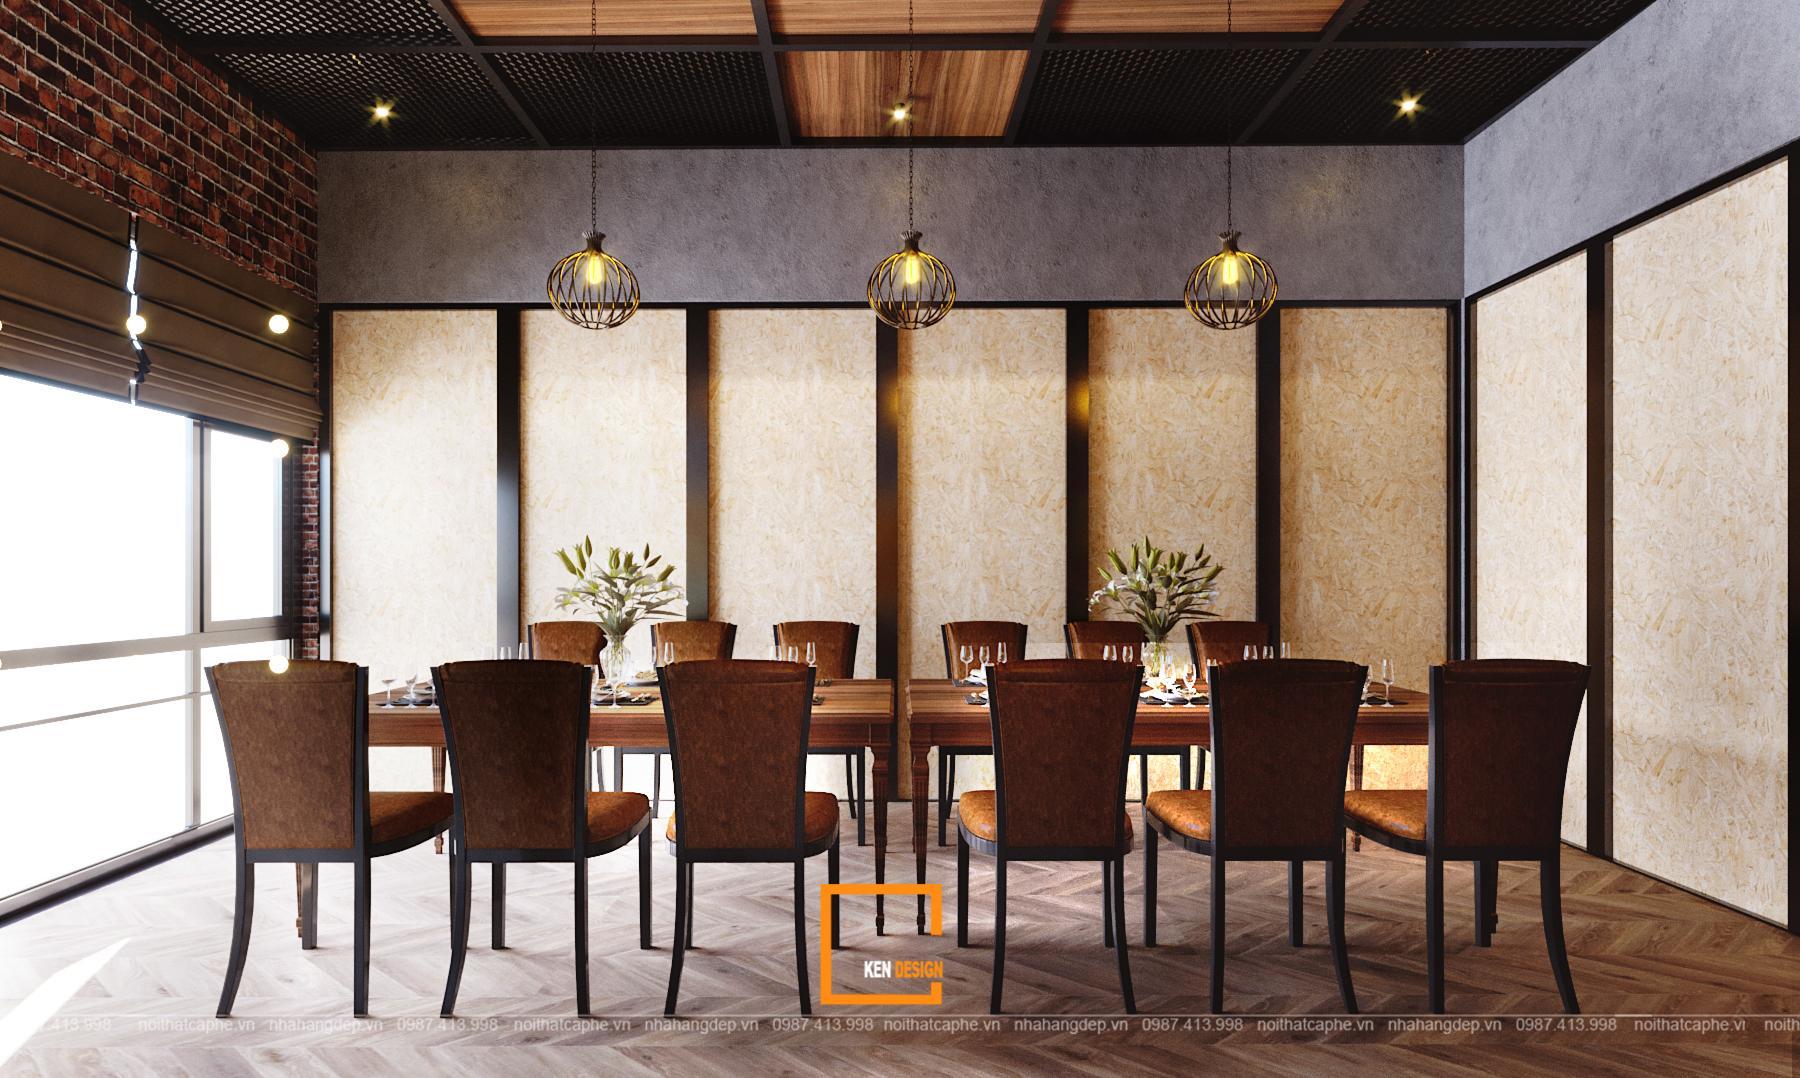 7c3b80da566bb035e97a 1 1 1 - Thiết kế nhà hàng Sapphire - sự kết hợp hoàn hảo giữa phong cách Industrial và Rustic